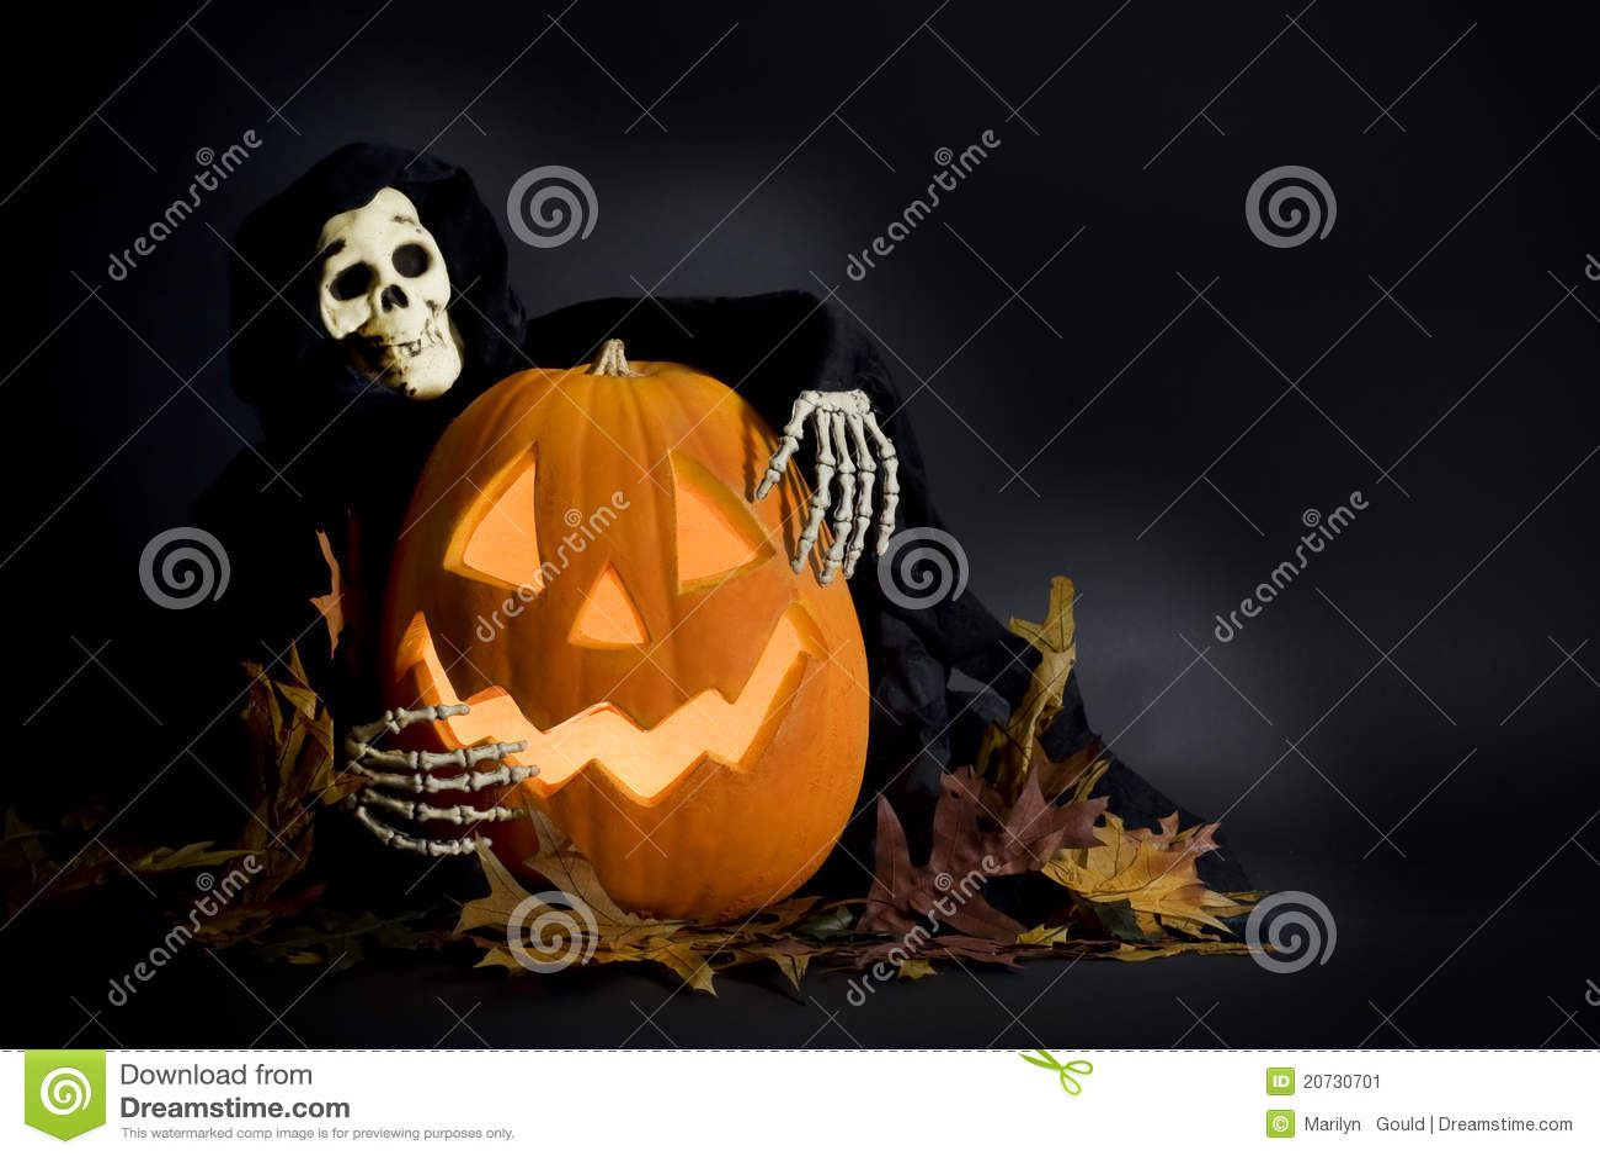 Halloweenkürbis u. Ghoul